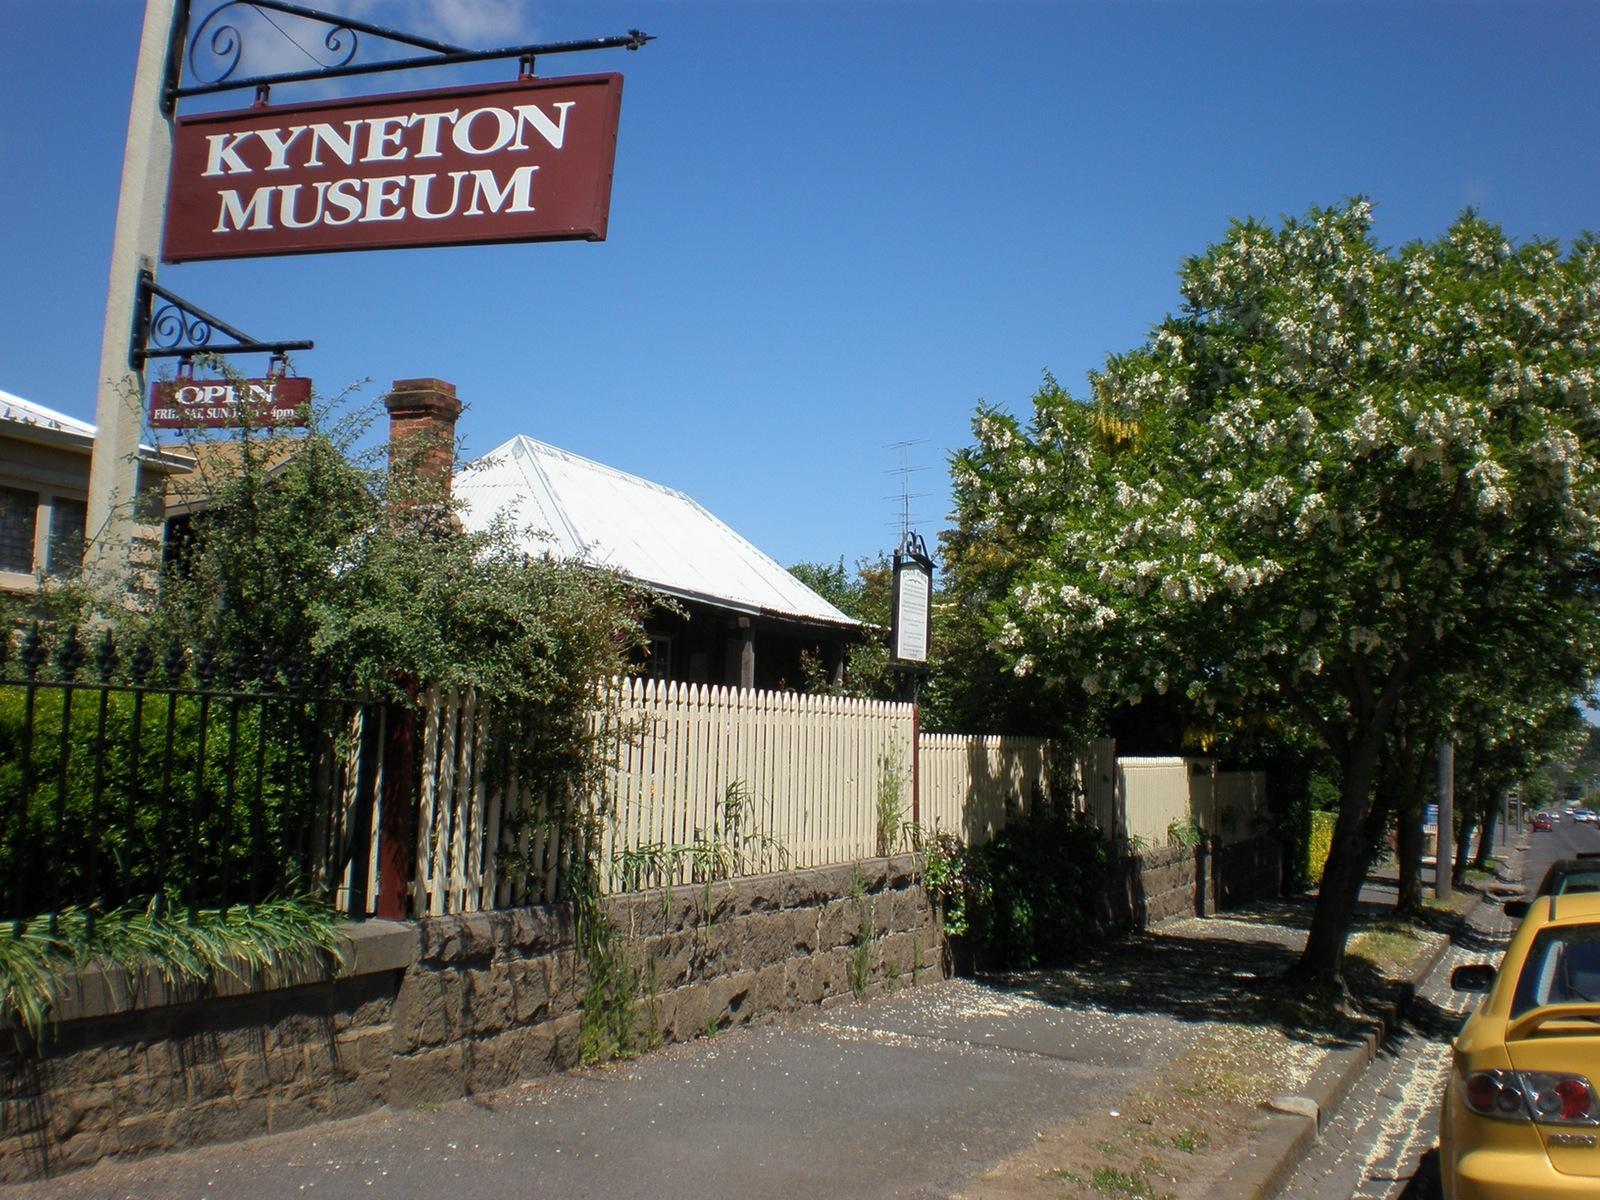 Kyneton Museum